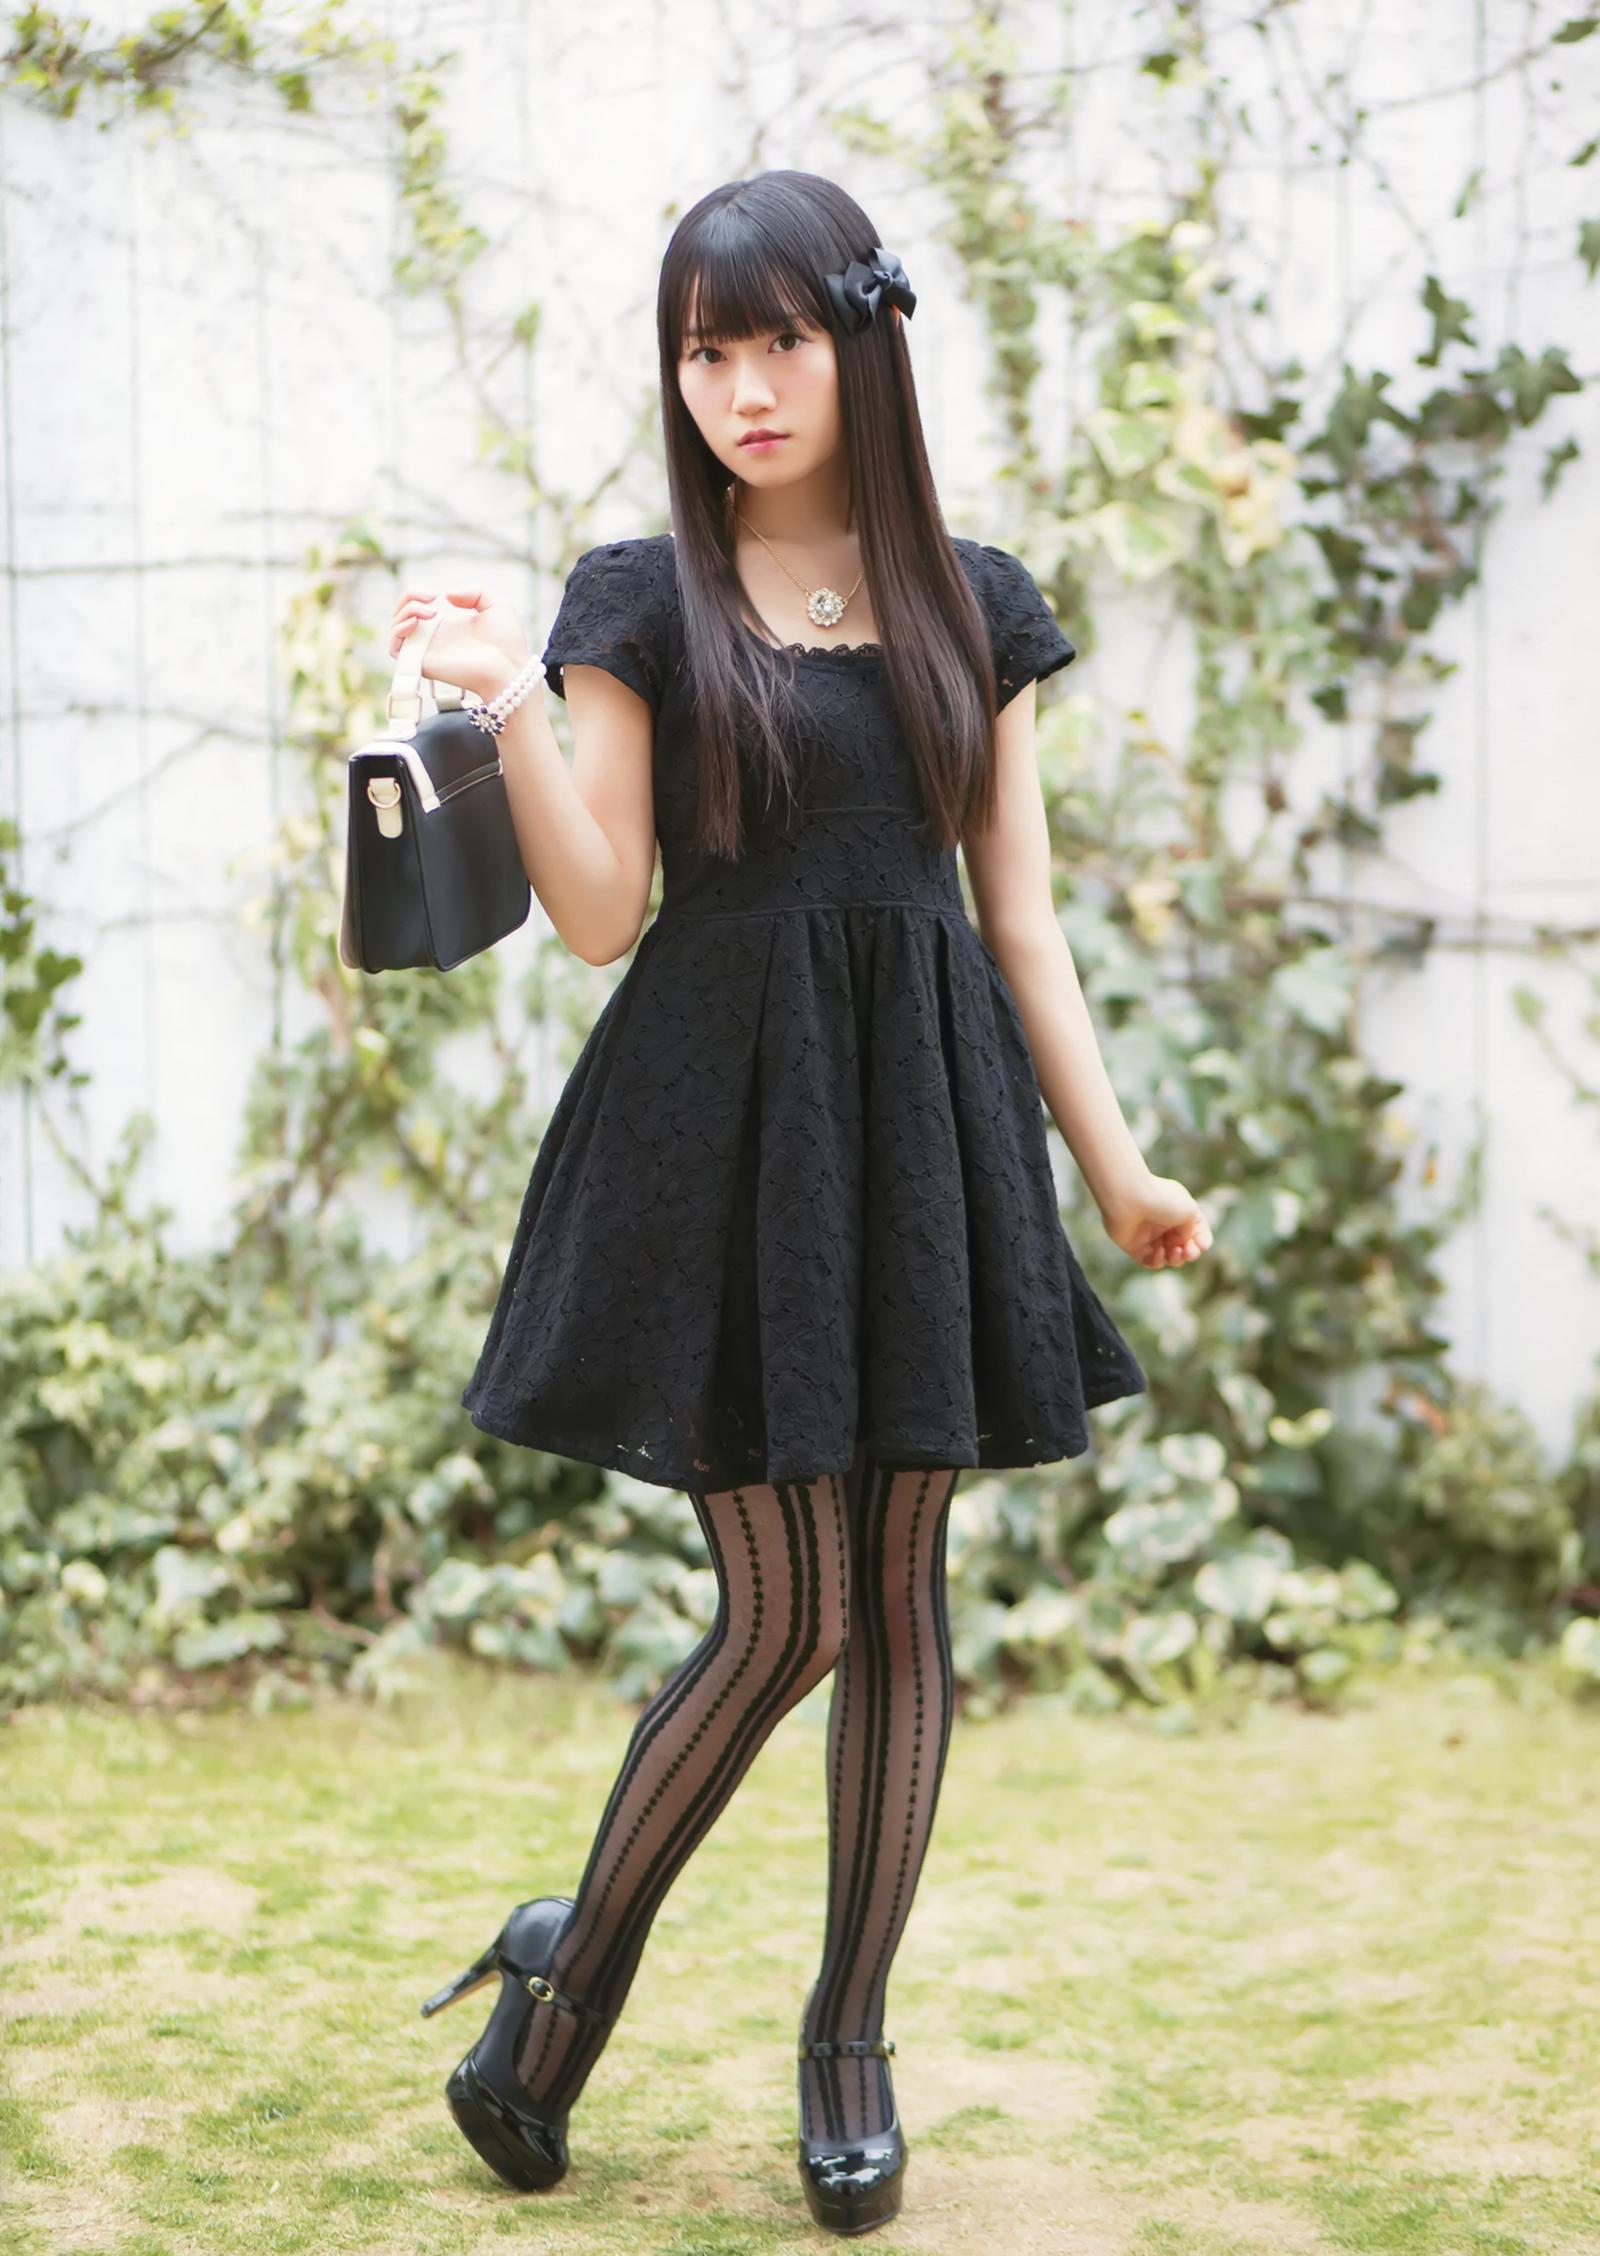 http://blog-imgs-72.fc2.com/g/e/k/gekiseiyuuarchive/09ogurayui.jpg